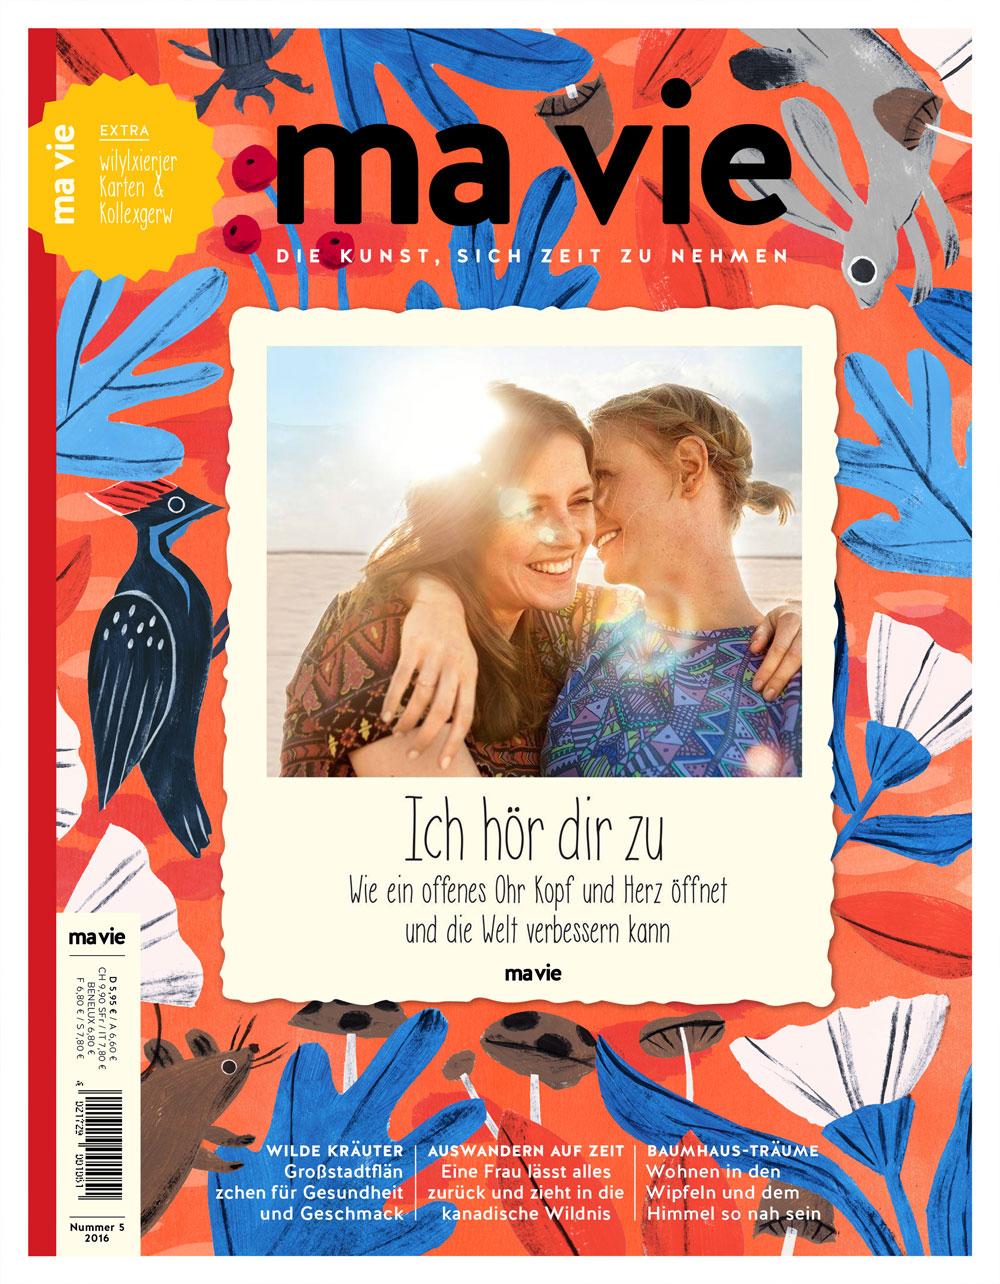 cover_mavie_penelopedullaghan.jpg